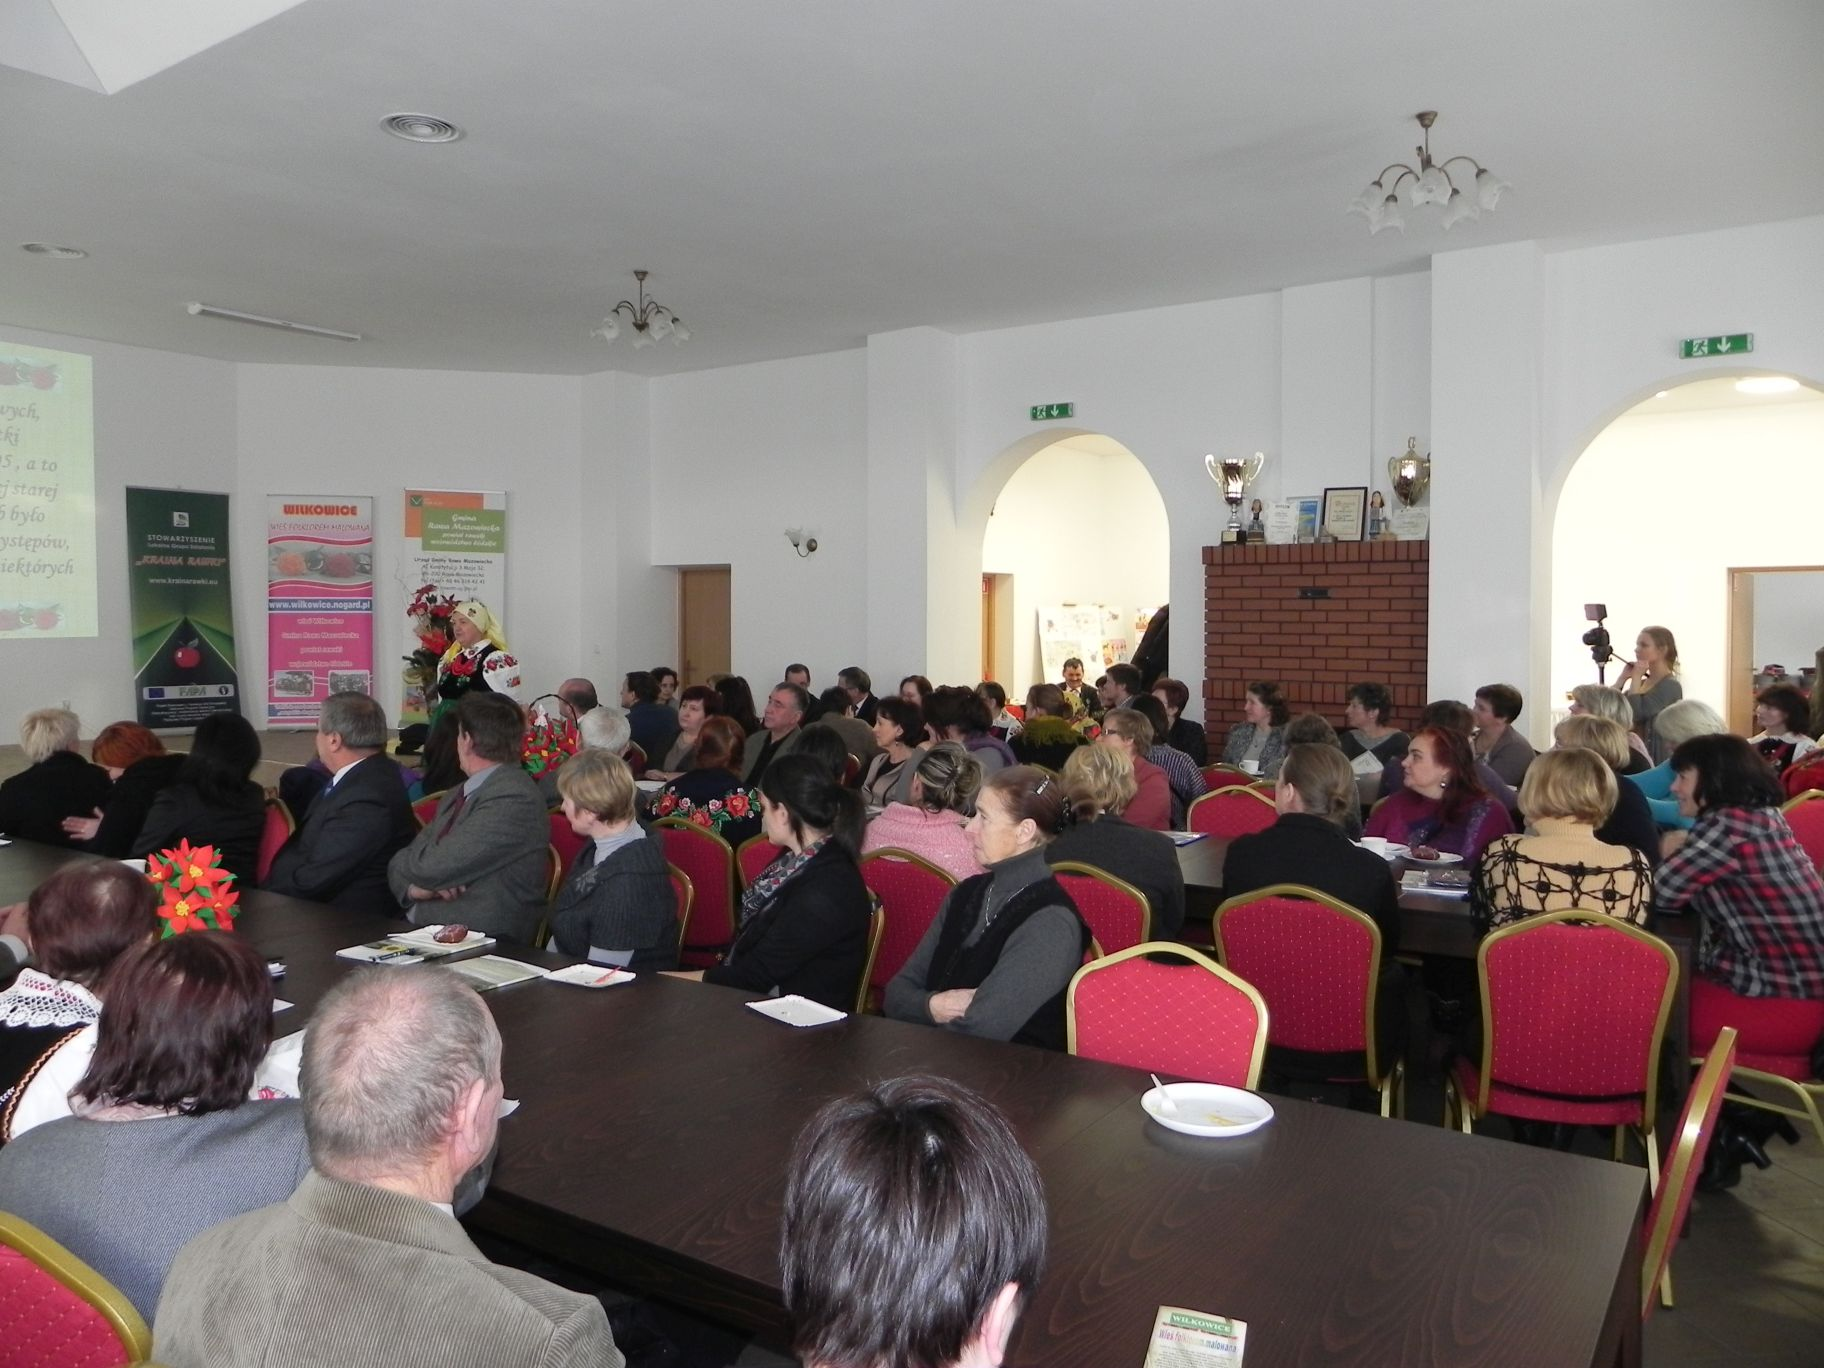 2012-12-14 Wilkowice - Konferencja Wioski tematyczne (98)